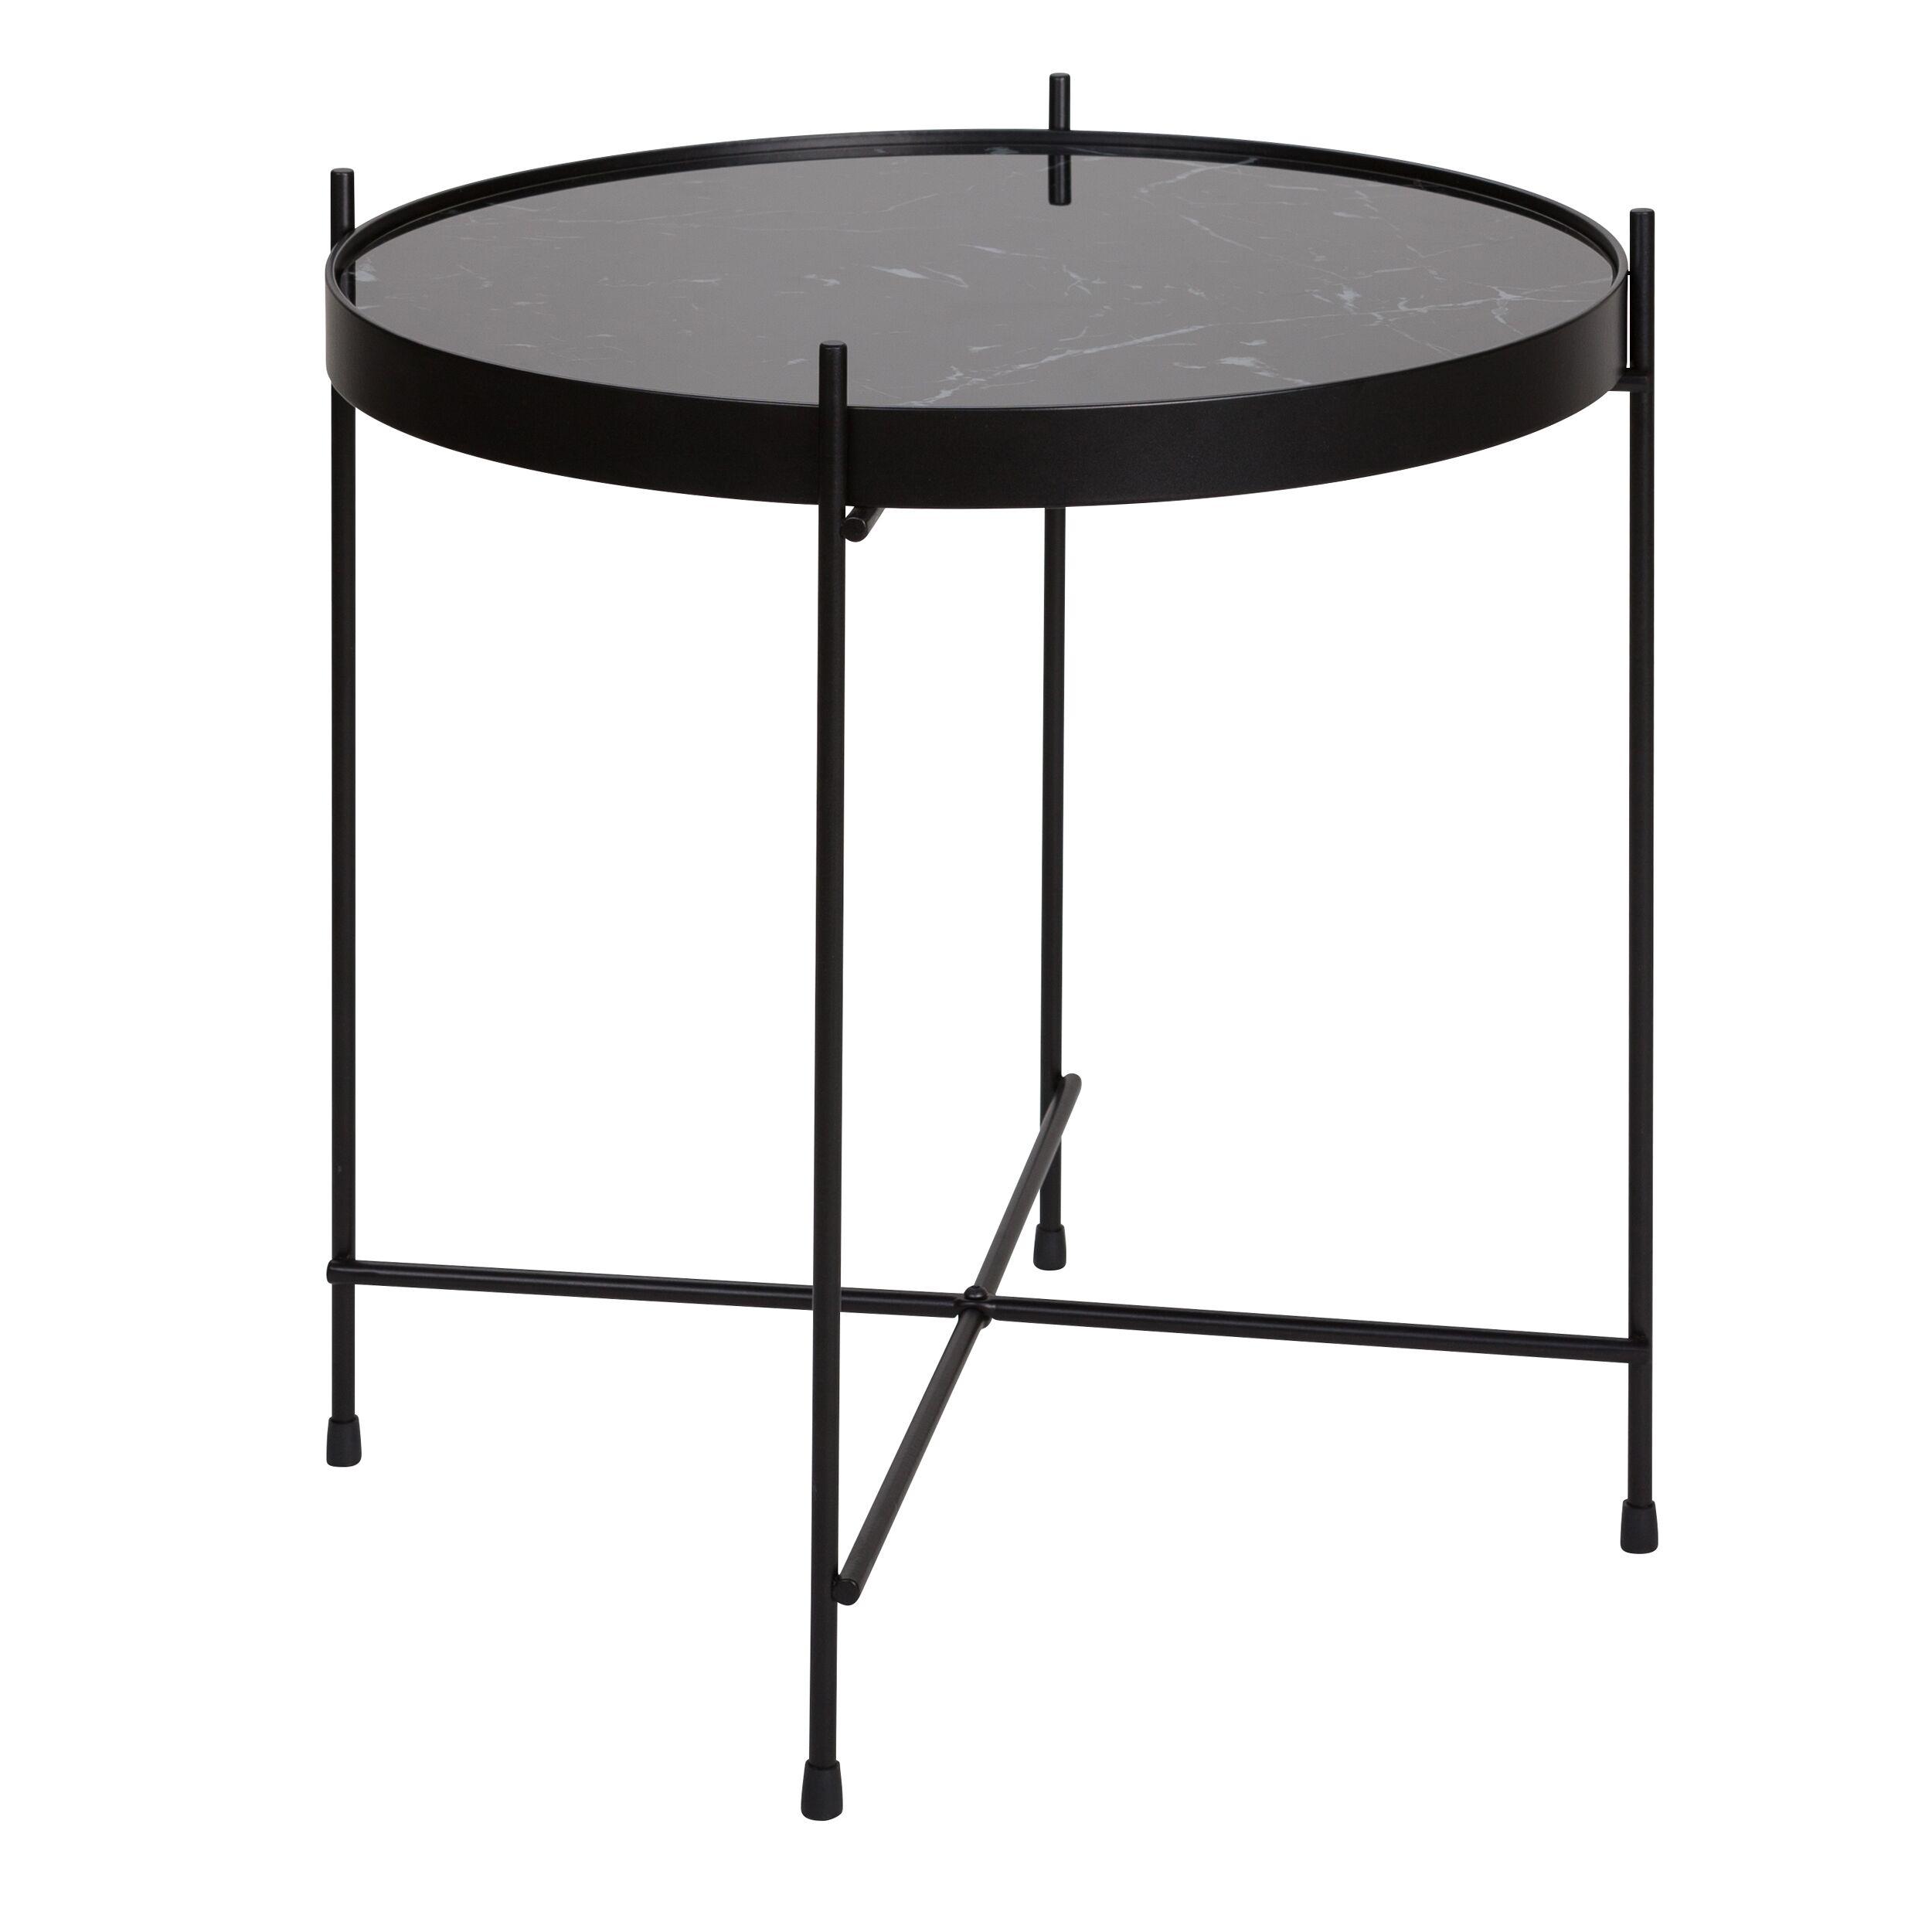 Rendez vous déco Table basse ronde en verre effet marbre noir et métal 43 cm